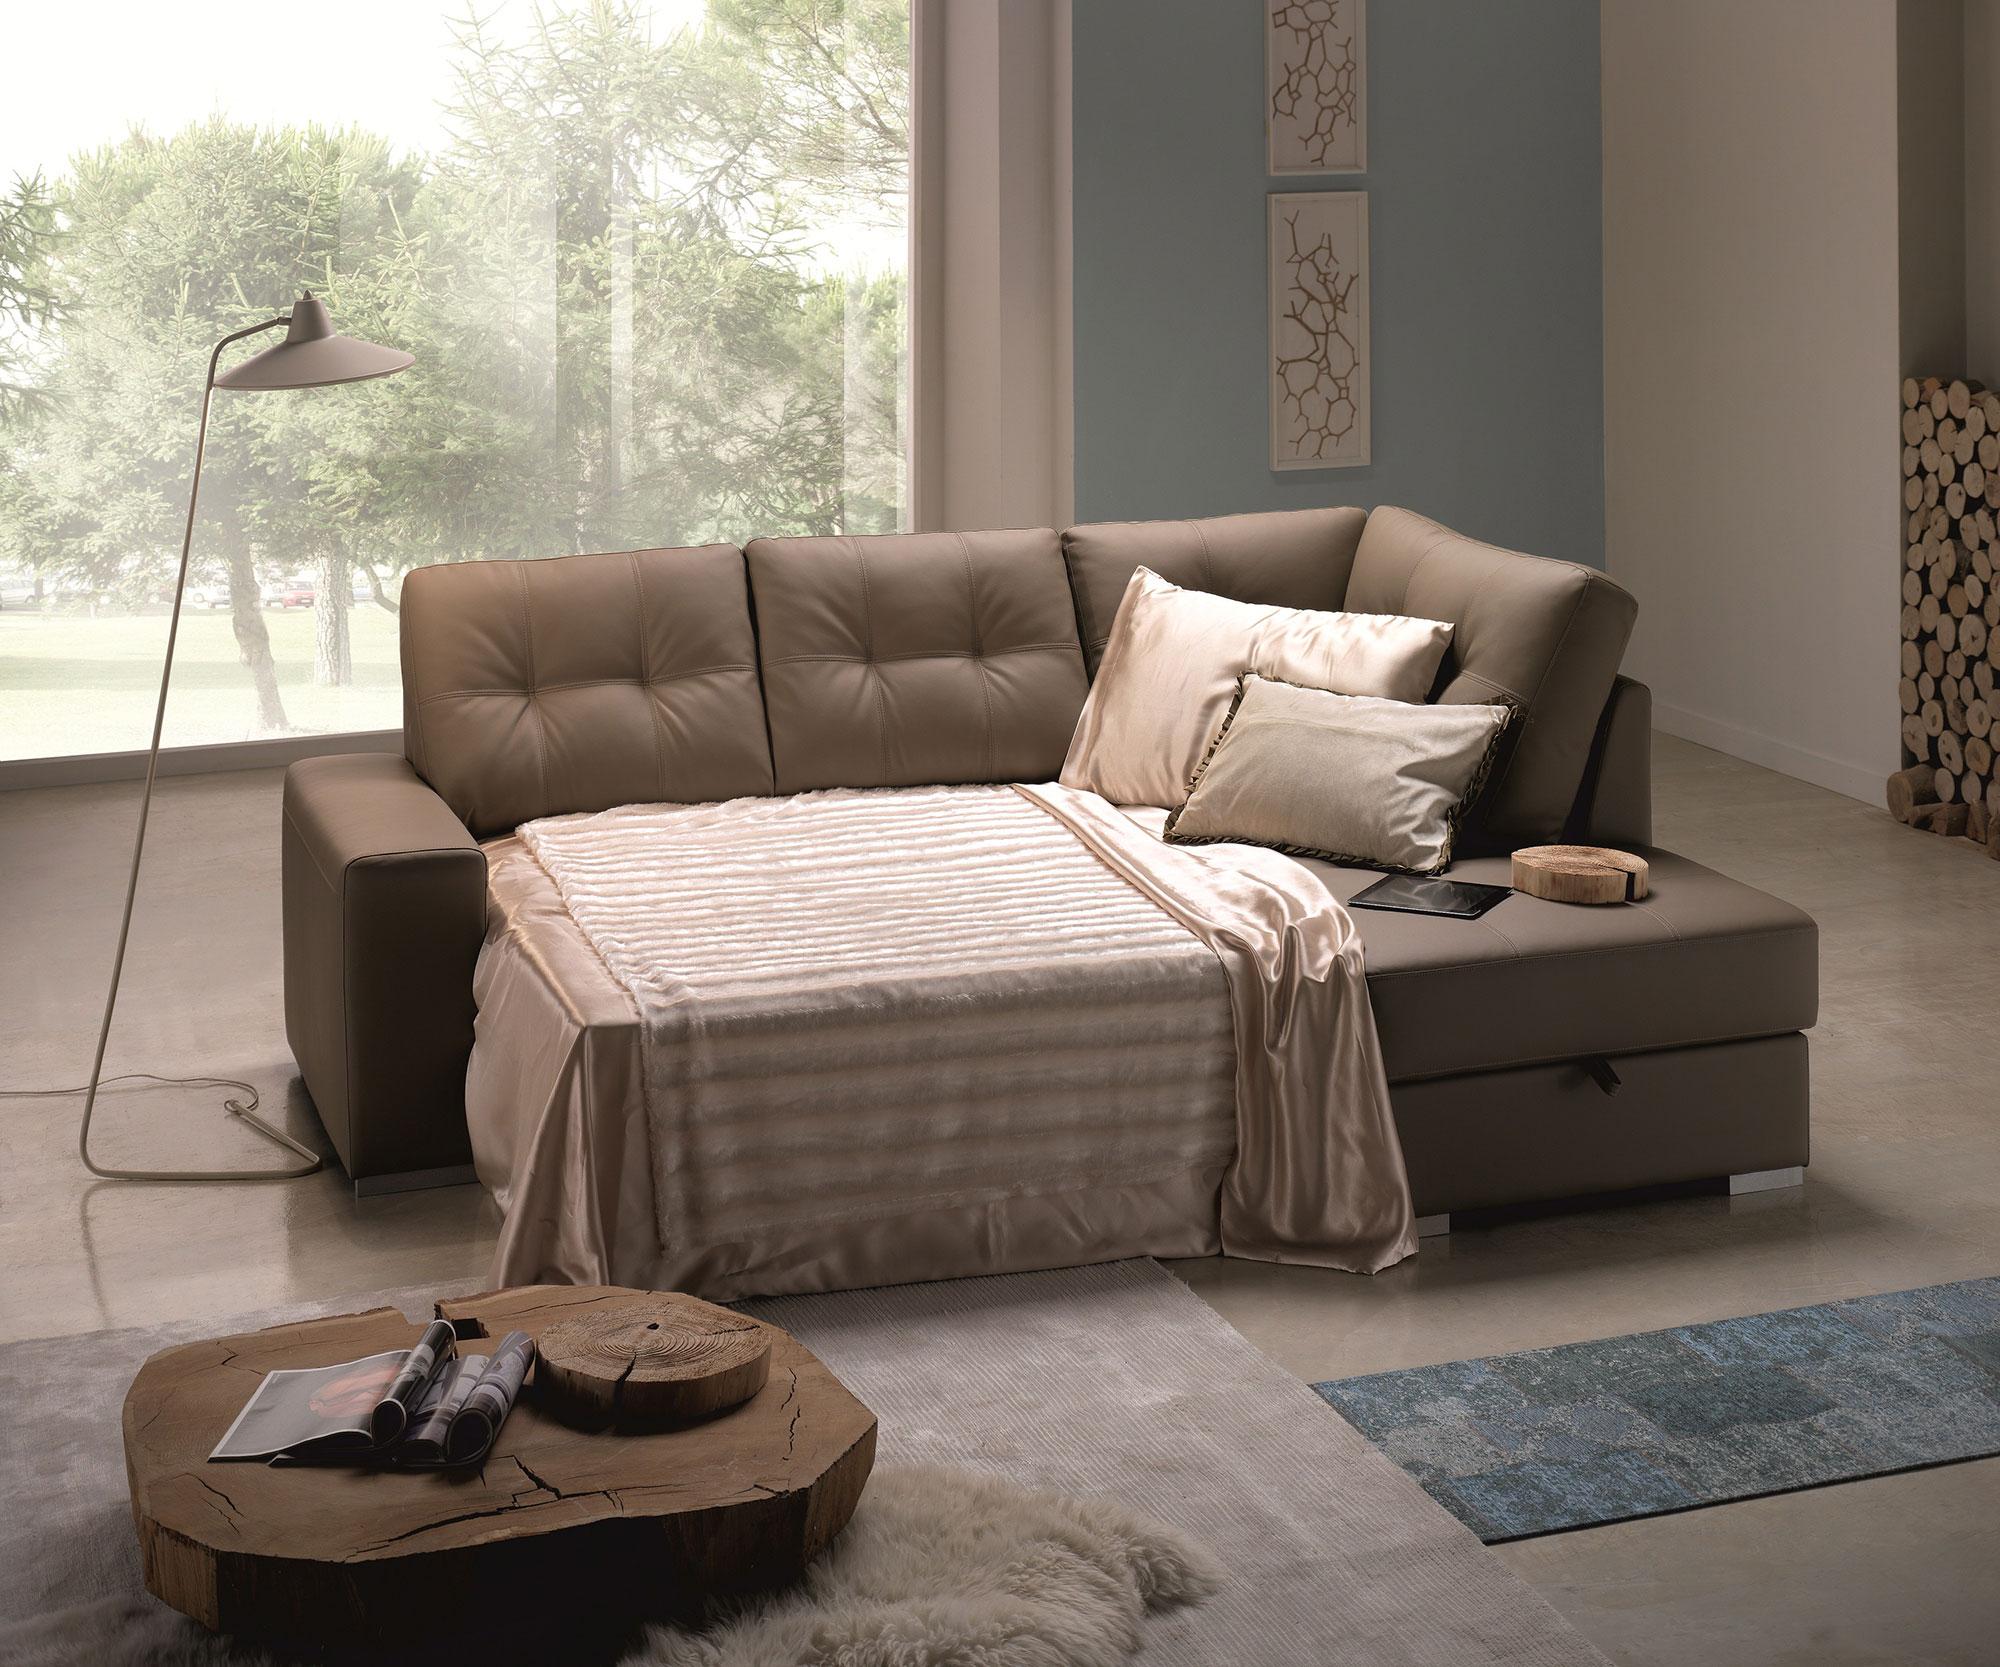 Arredo casa oristano divano angolare letto con penisola for Divano angolare letto e contenitore